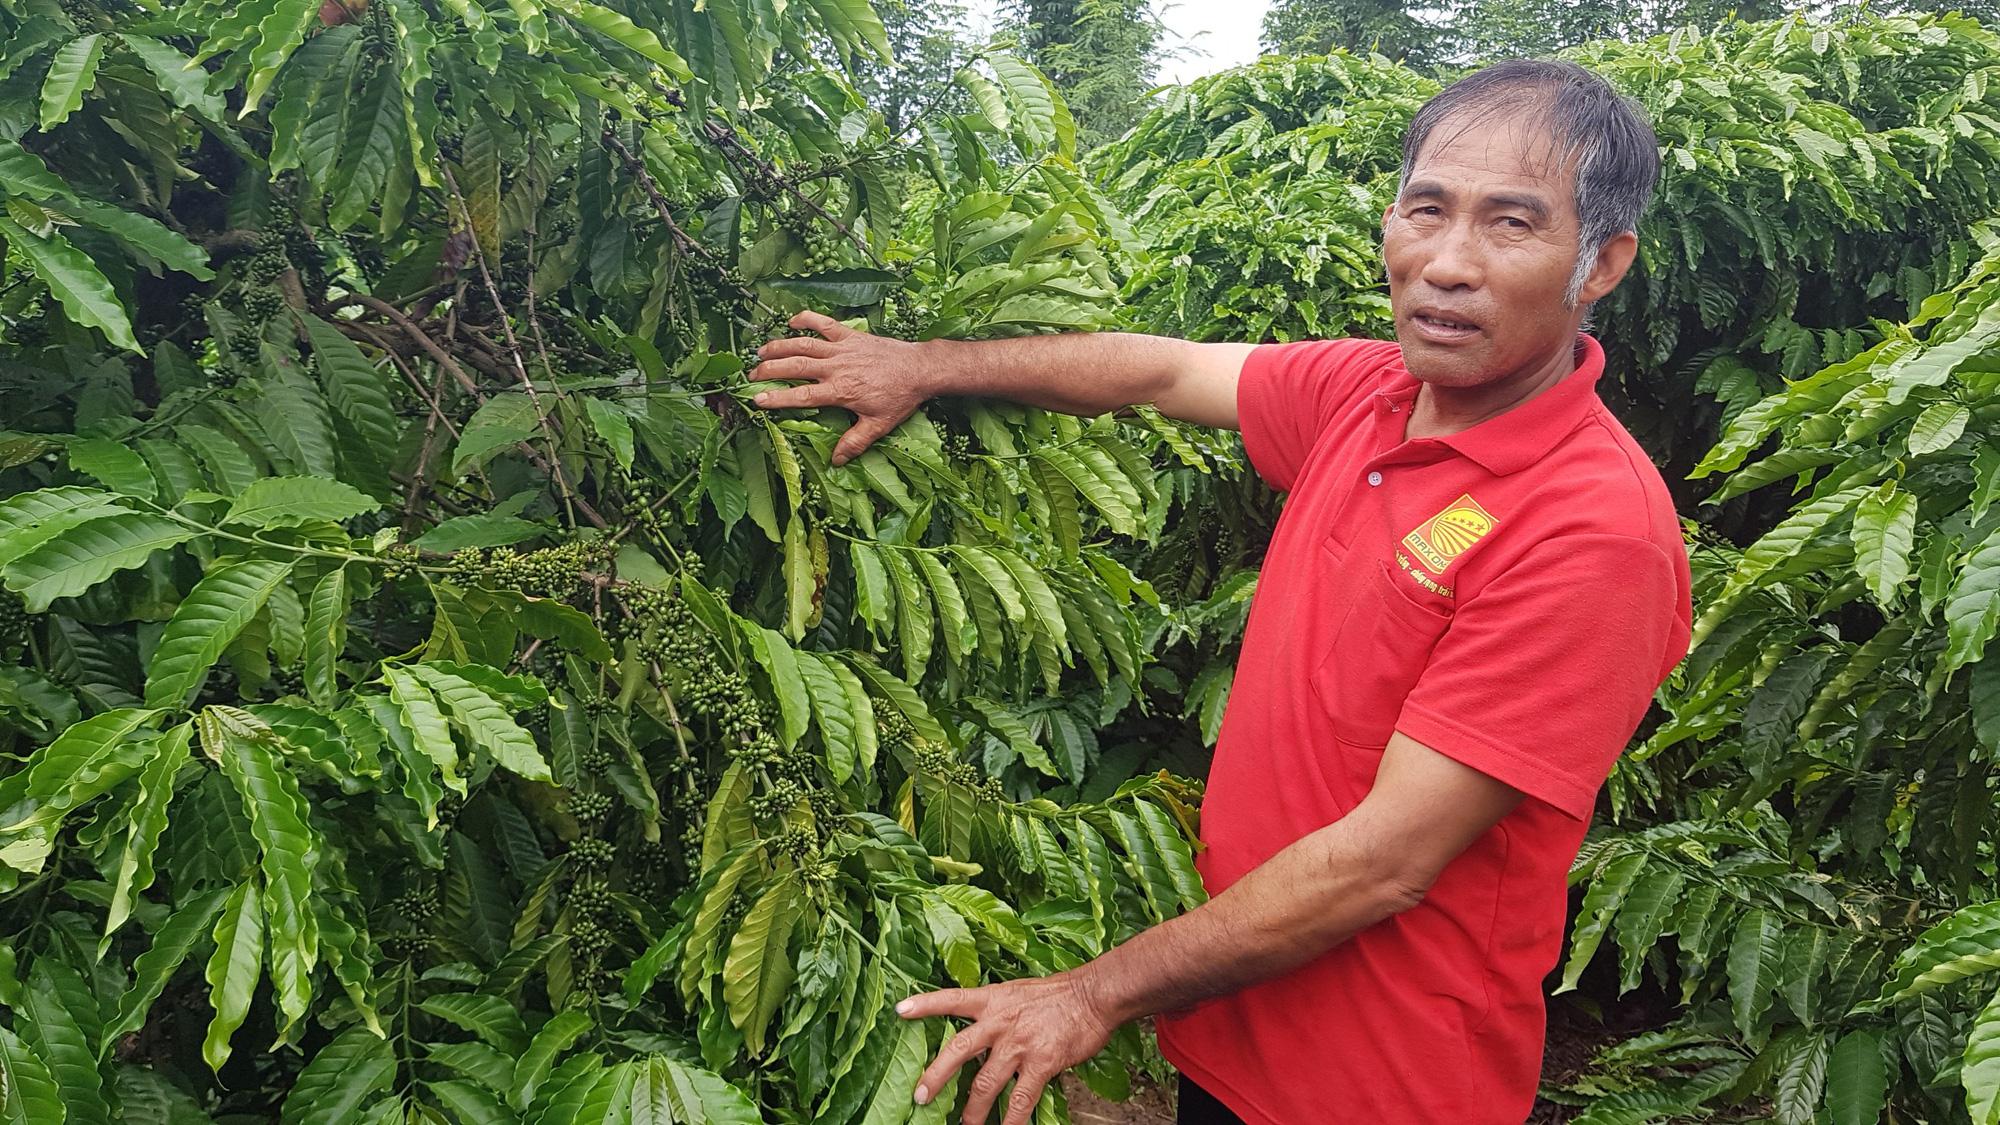 Trồng cà phê khoa học, lão nông thu nhập hàng trăm triệu đồng mỗi năm - Ảnh 1.